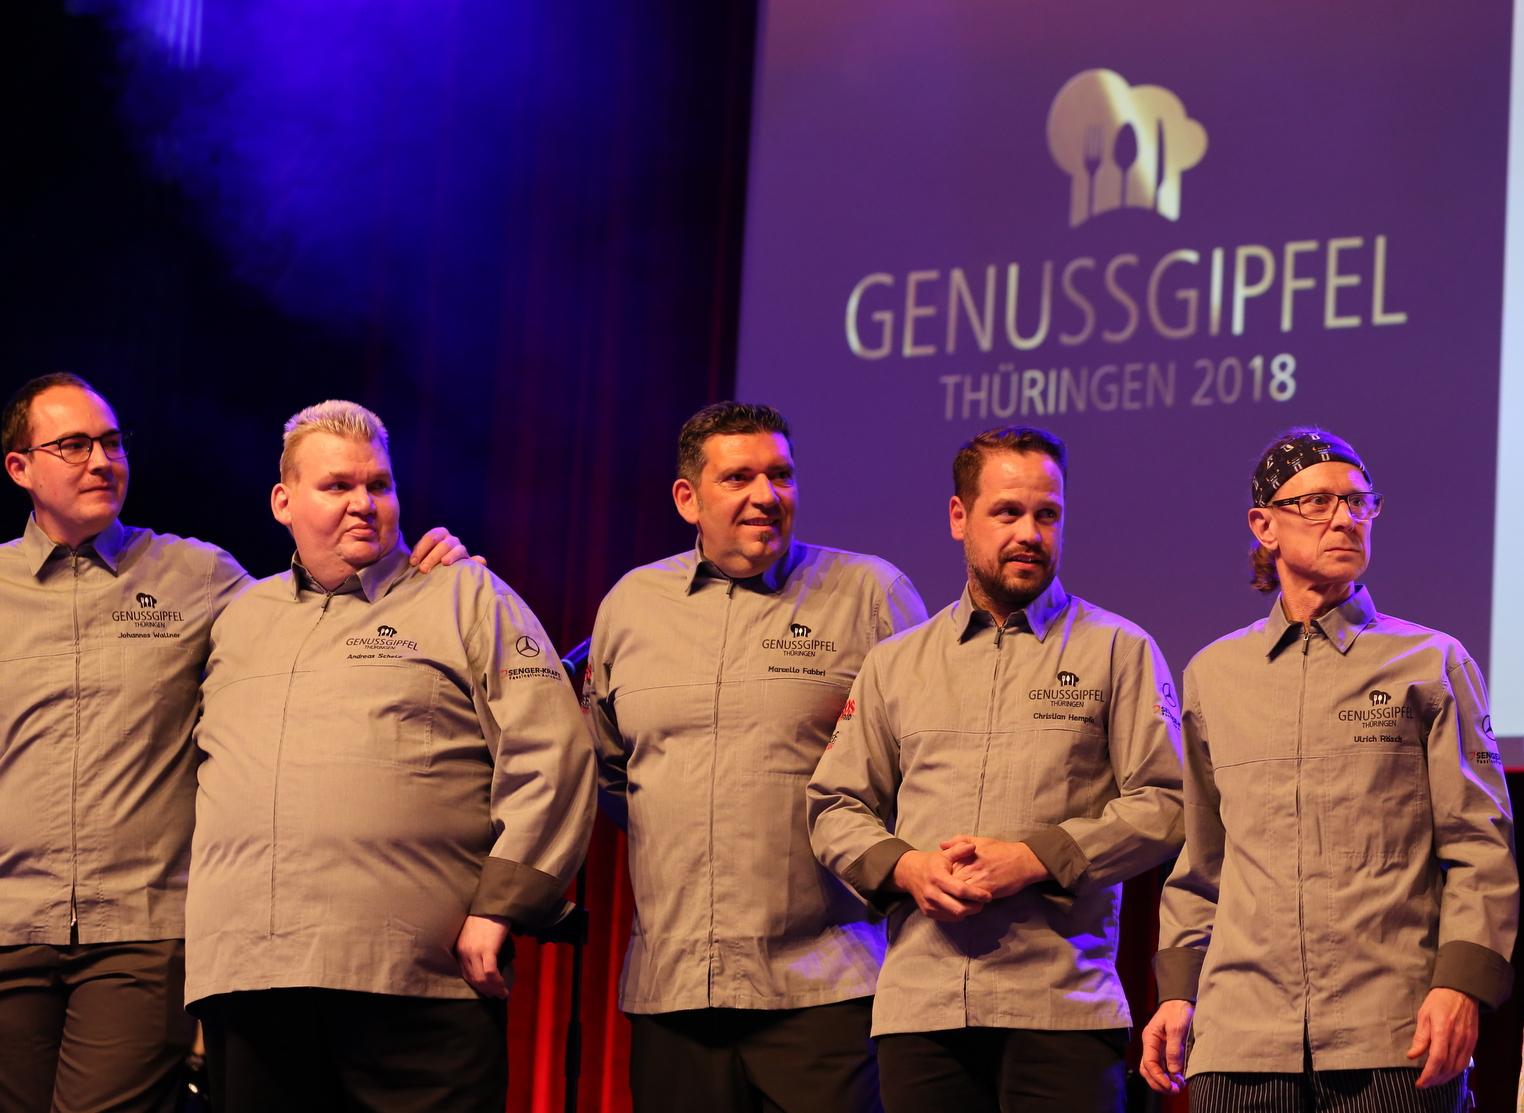 Genussgipfel Thüringen 2018: Acht Köche - ein Genuss*